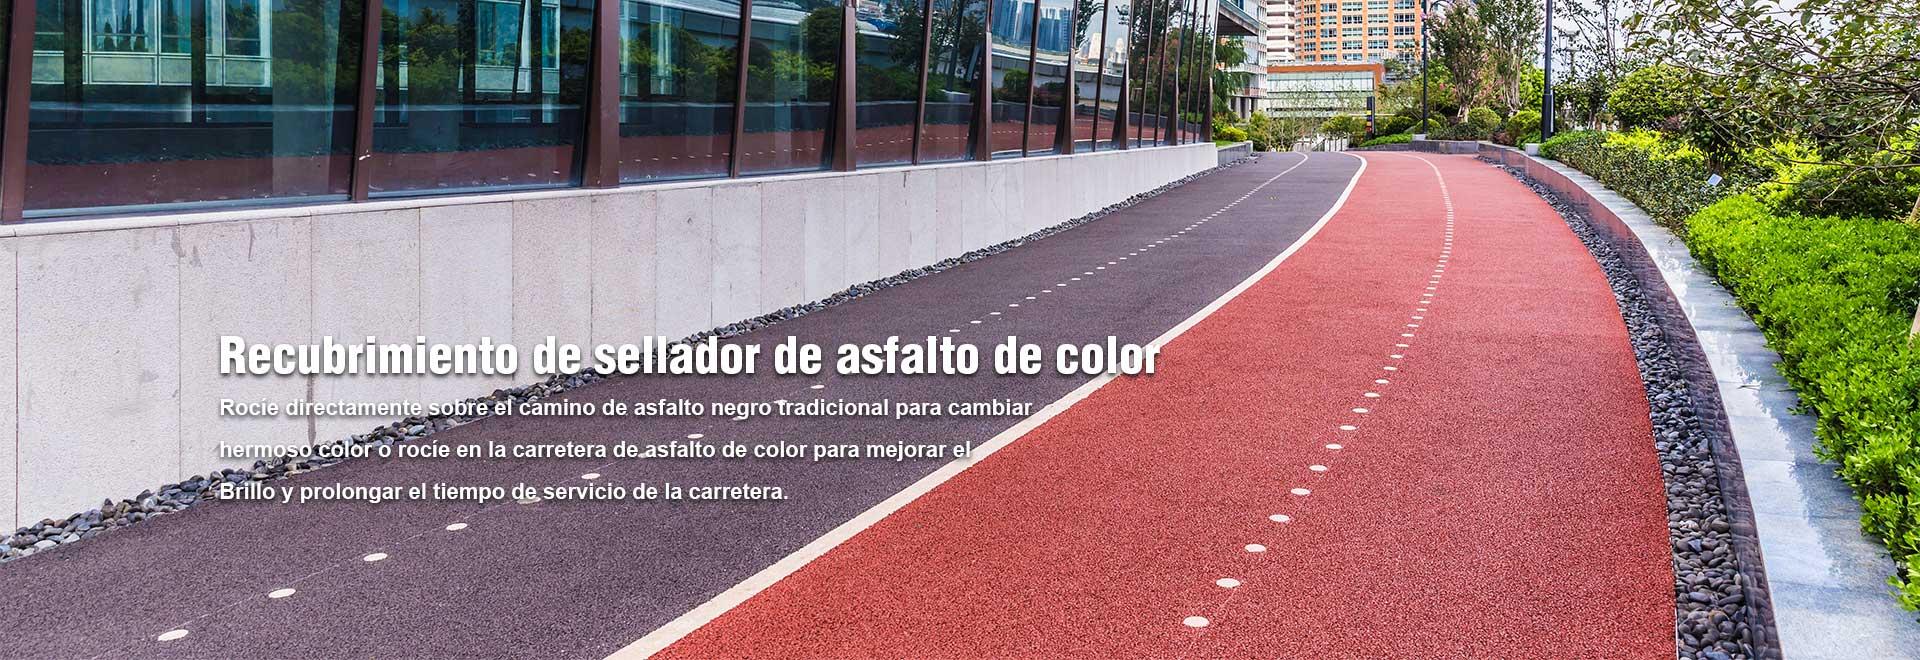 Recubrimiento de sellador de asfalto de color